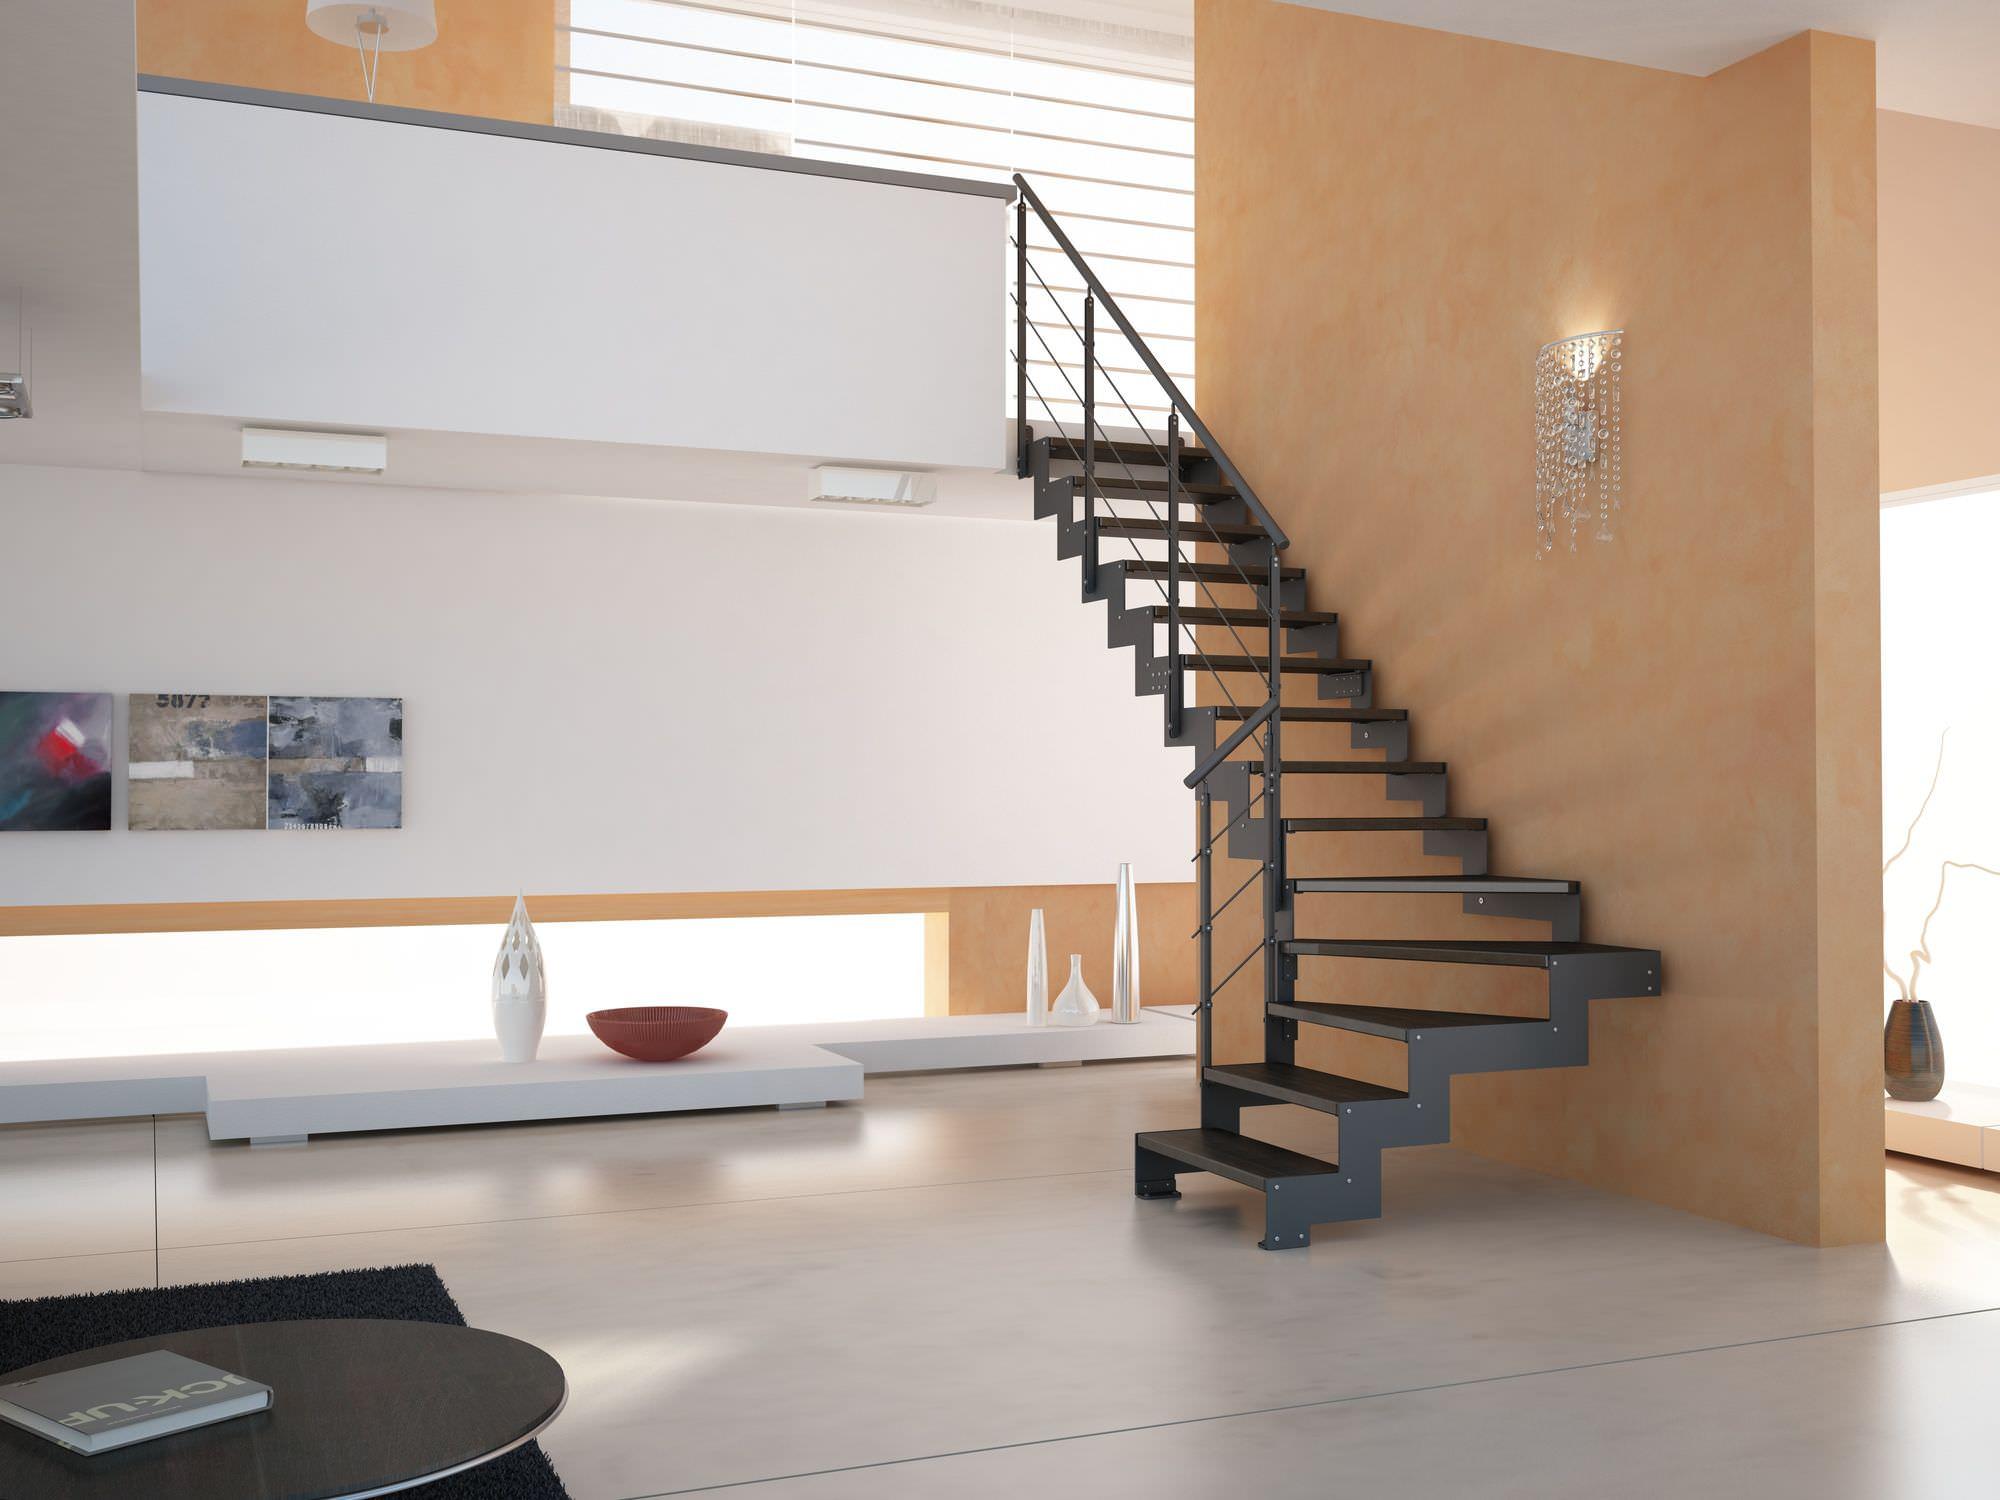 escalera en l con peldaos de madera estructura de metal sin elegance link